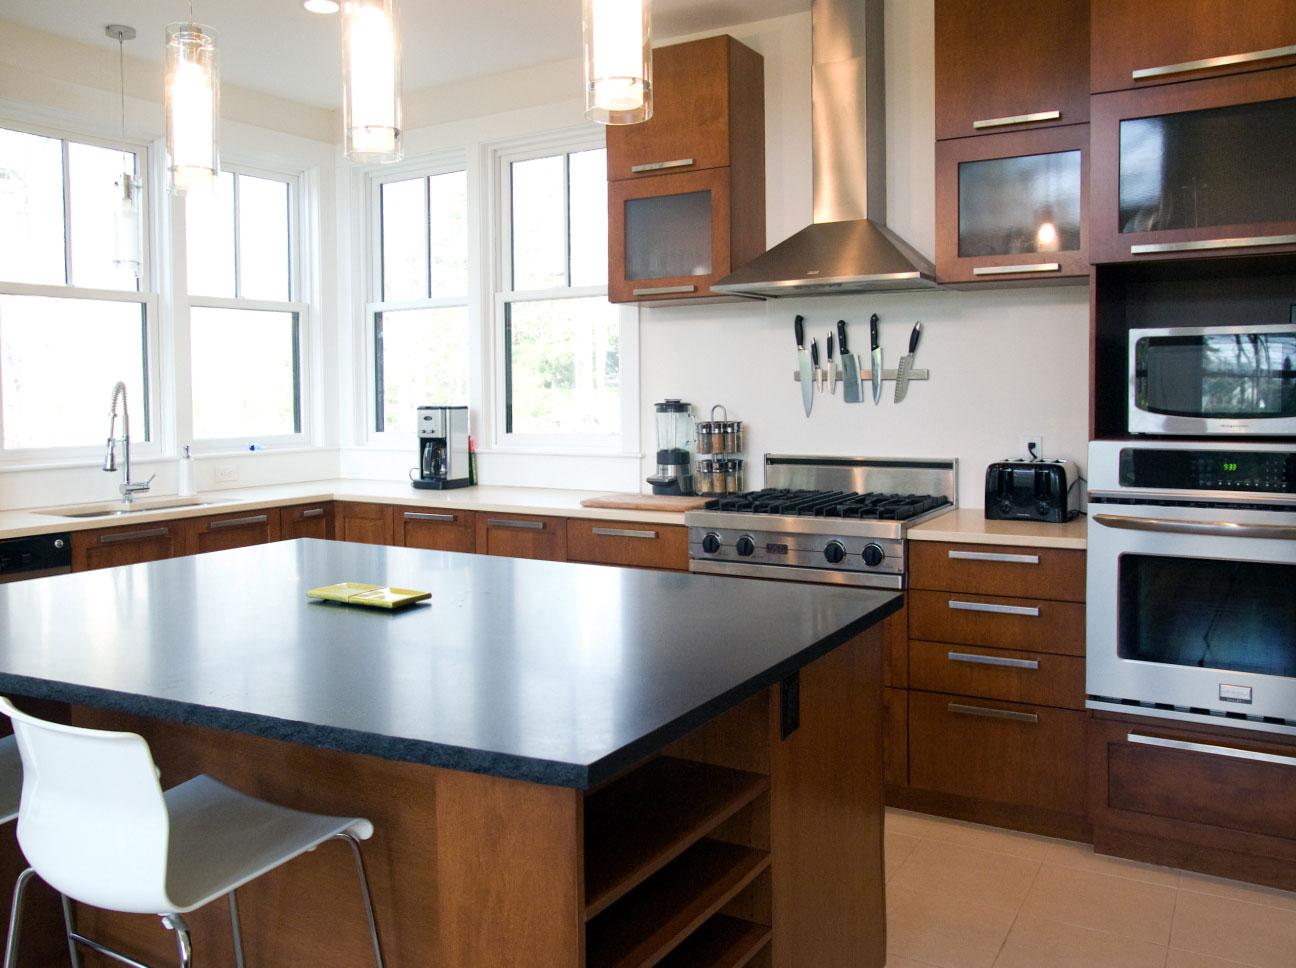 Douston-Kitchens-Chef's Kitchen